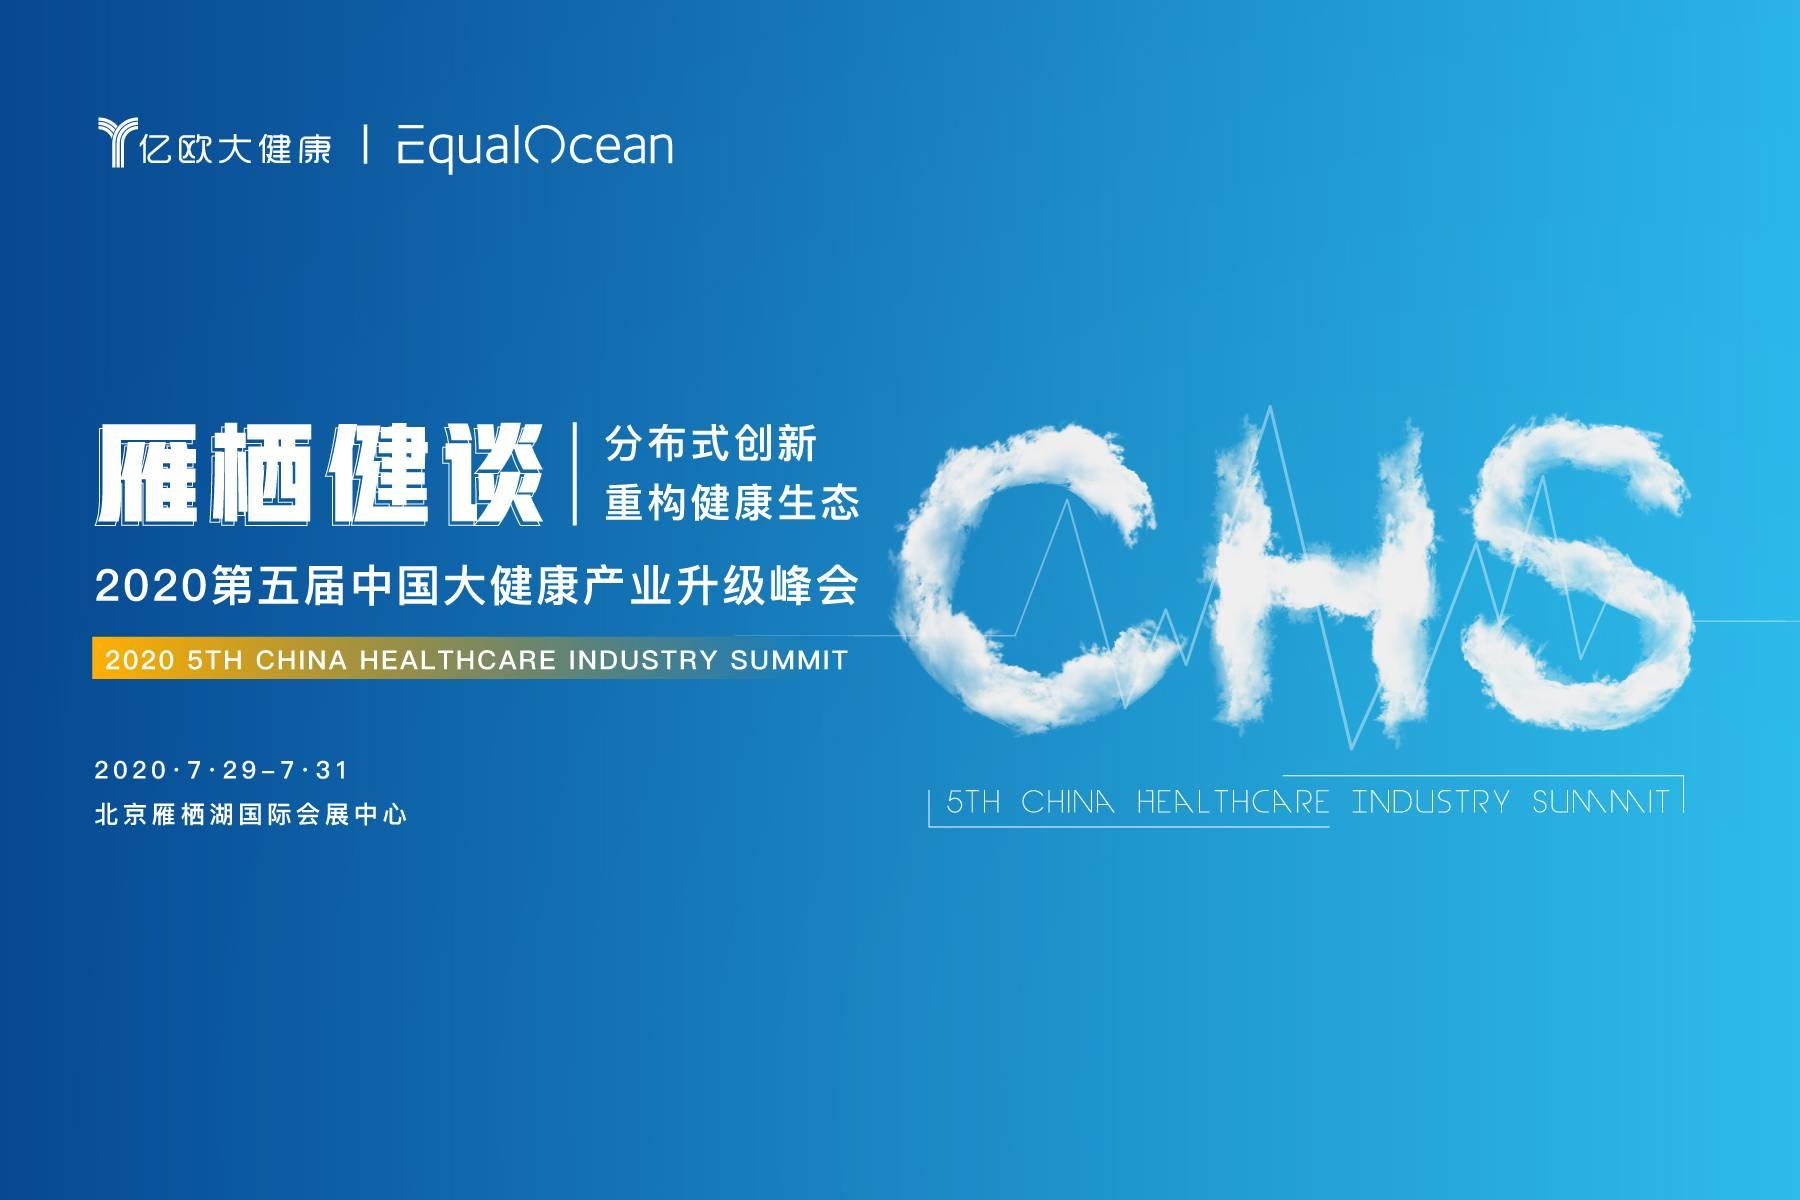 雁栖健谈 CHS 2020第五届中国大健康产业升级峰会